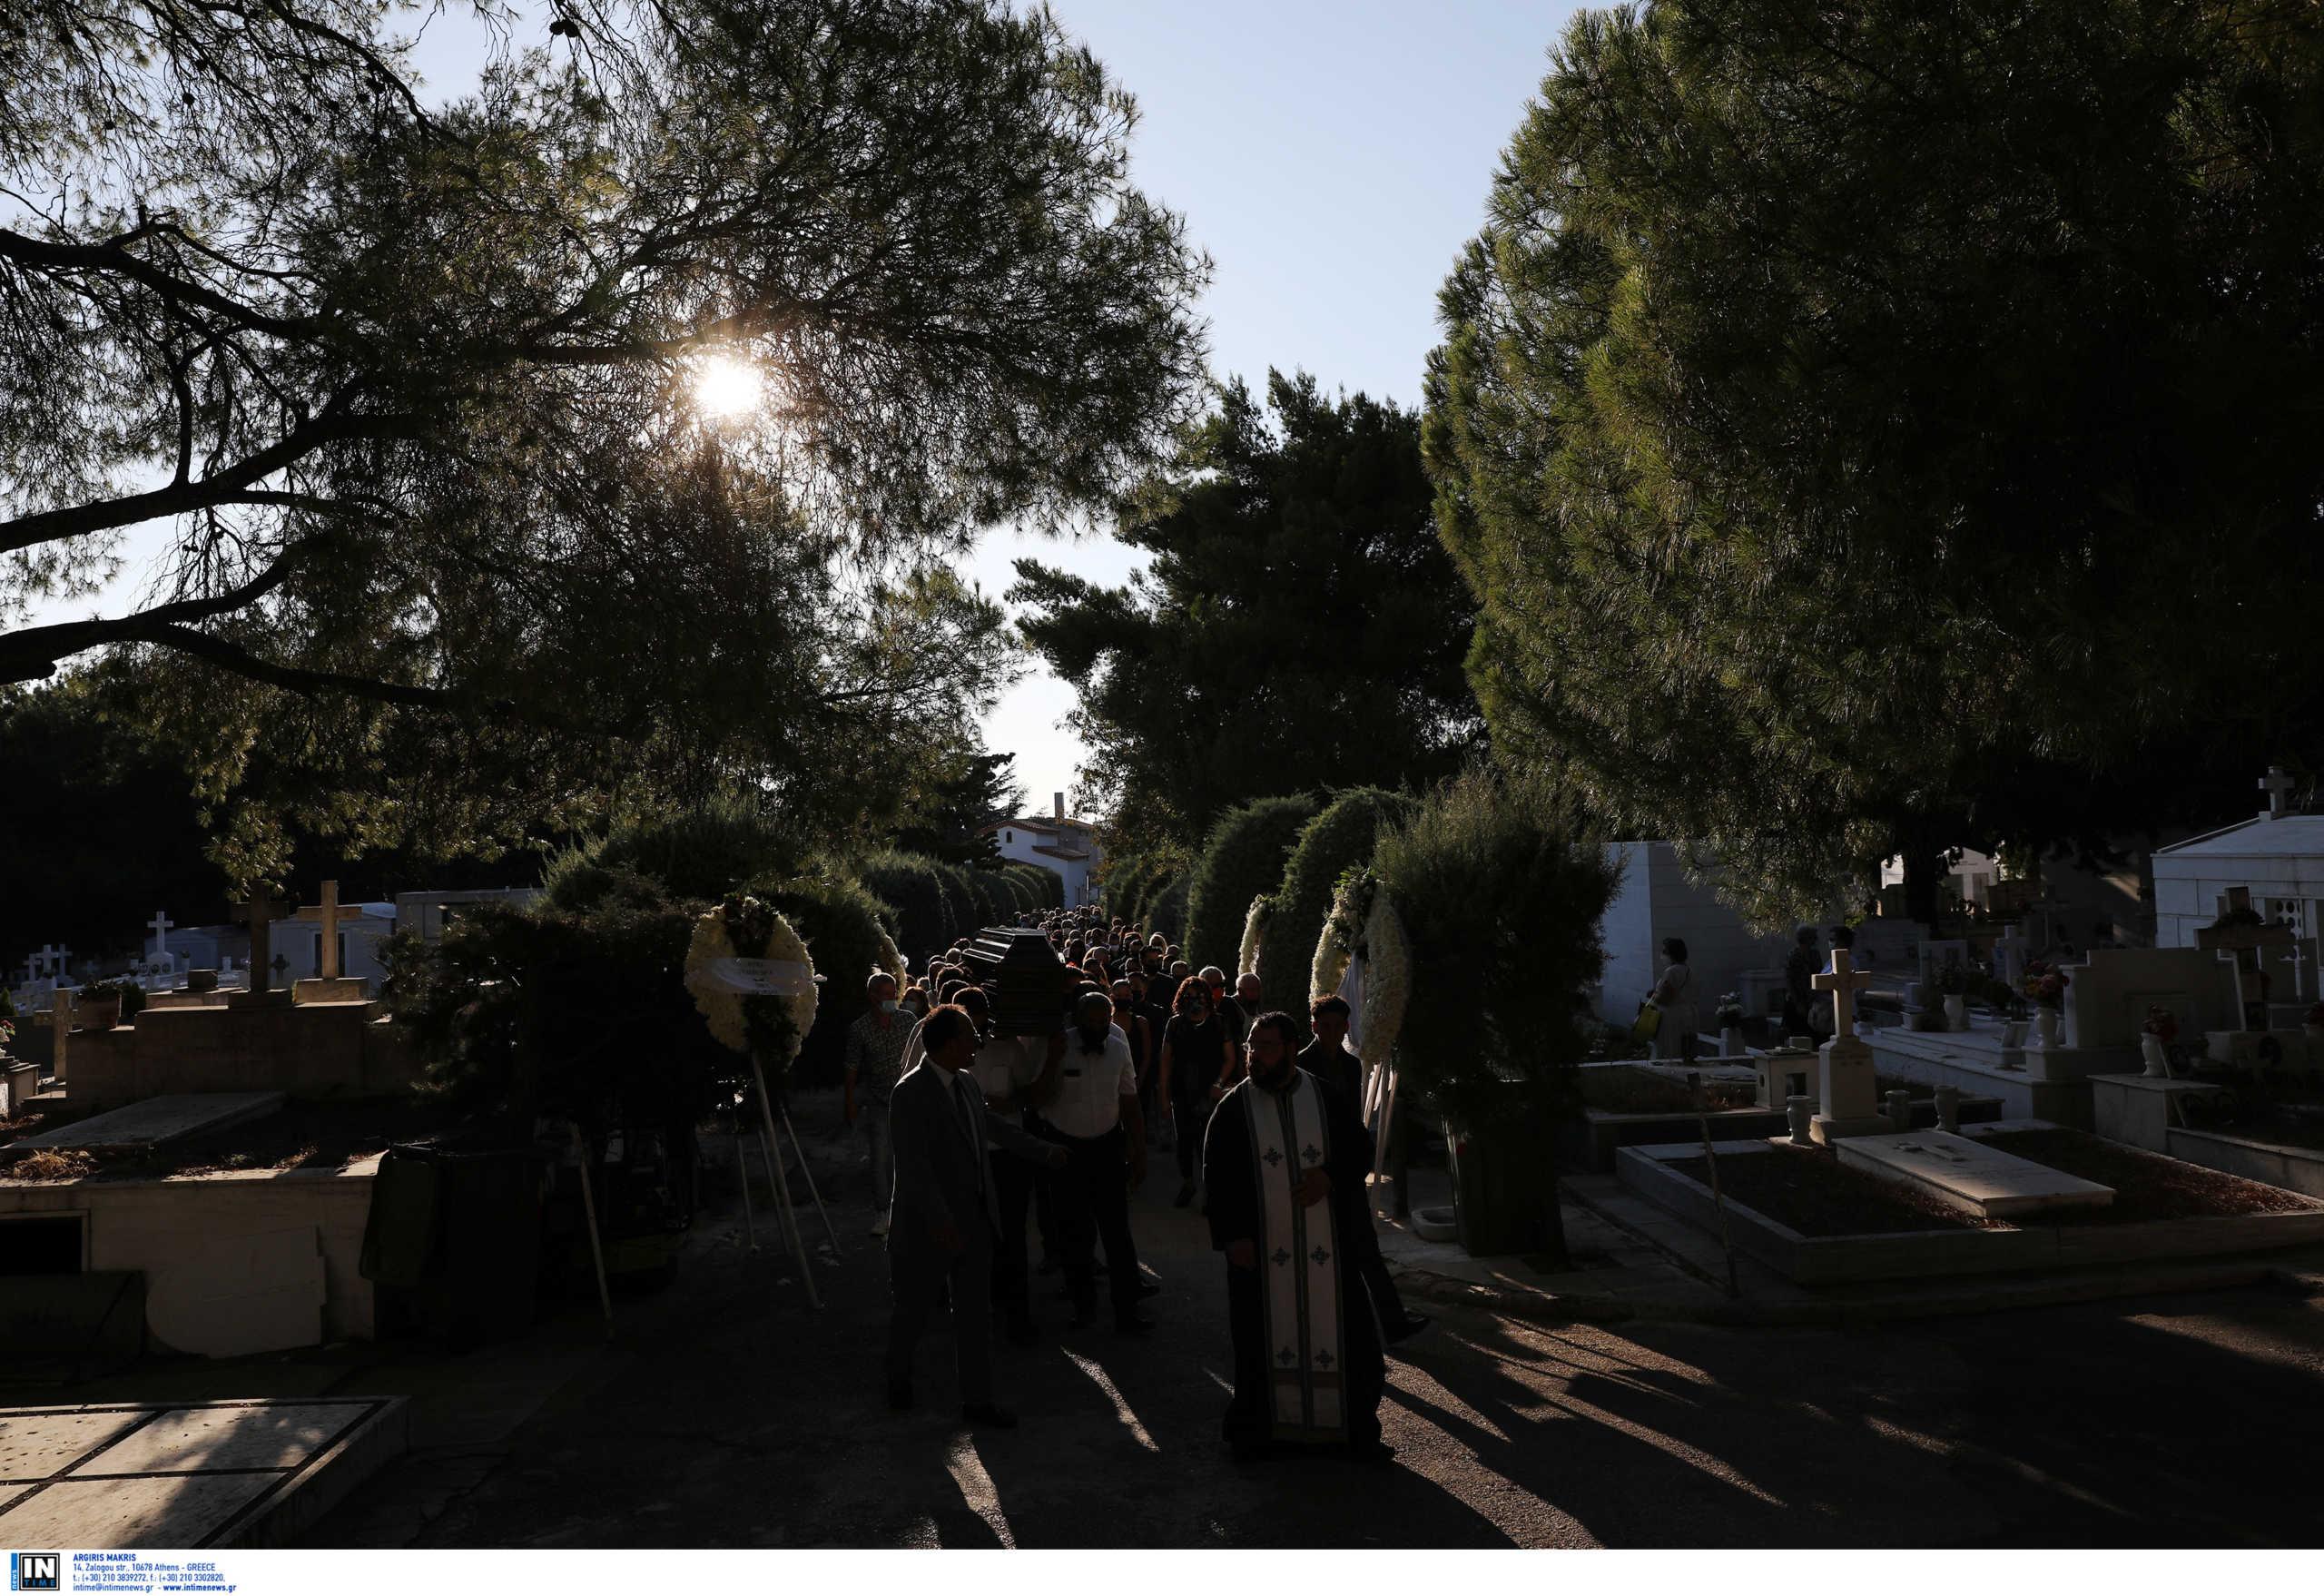 Αποκάλυψη για την κηδεία που έφερε μέτρα σε Θήβα, Χαλκίδα: 200 άτομα, κανένα μέτρο